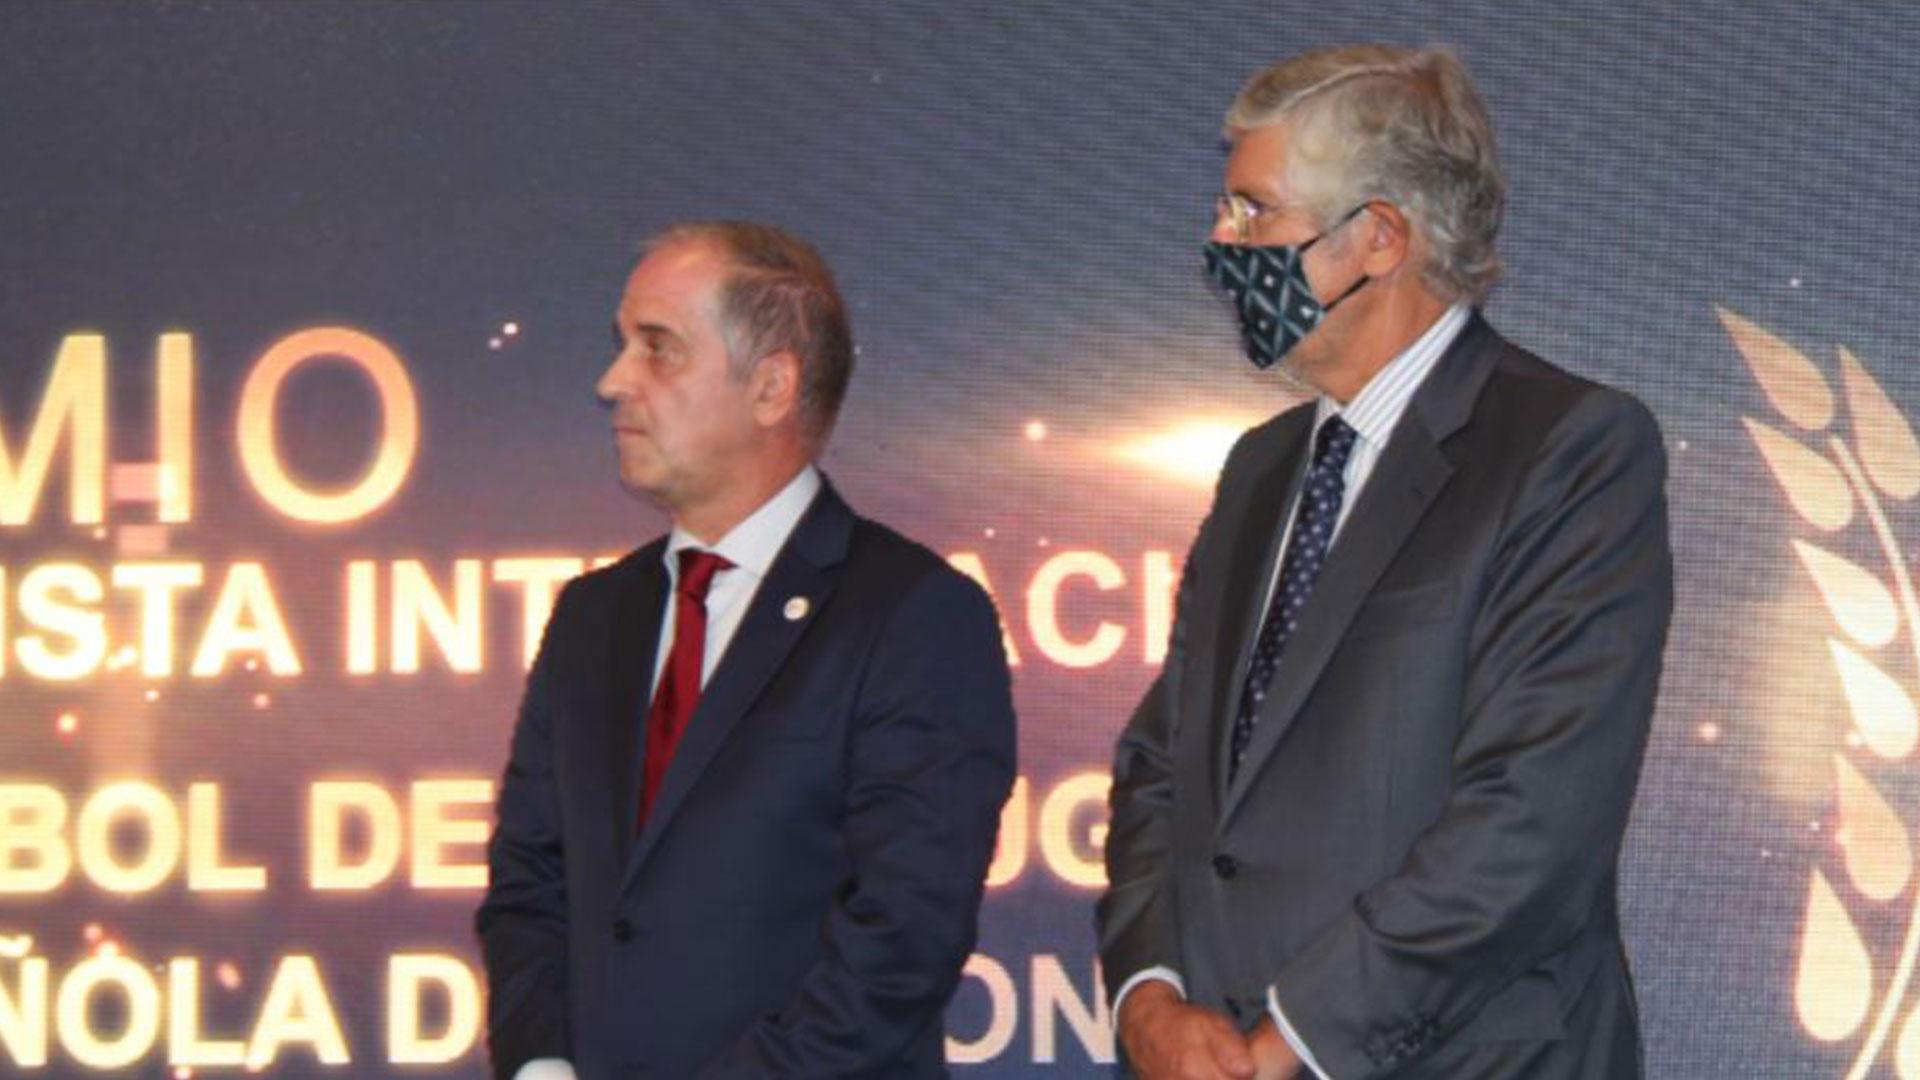 Federação de Andebol distinguida em Espanha